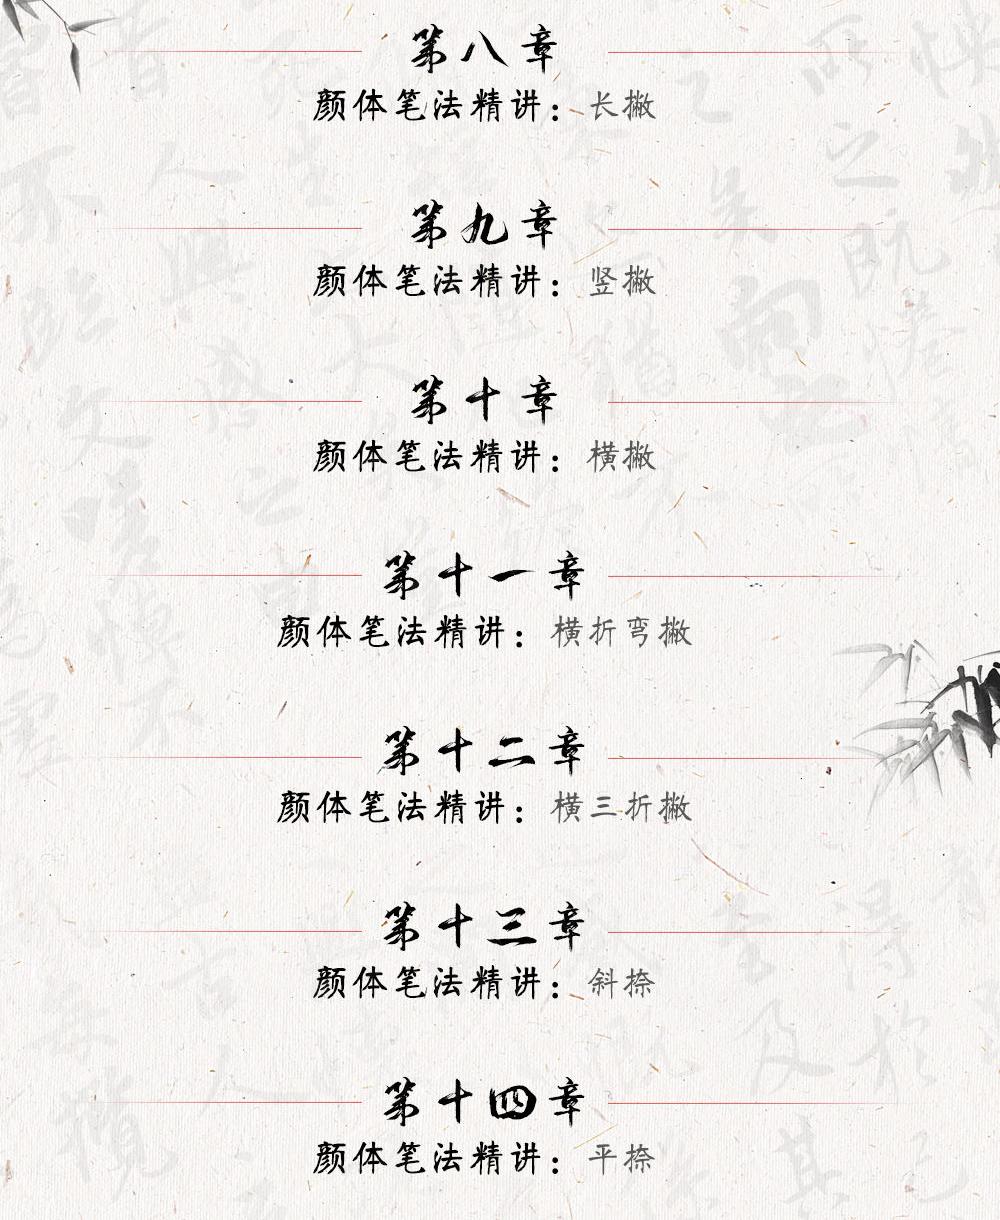 蜂蜜浏览器_毛笔楷书(颜真卿)详情页_05